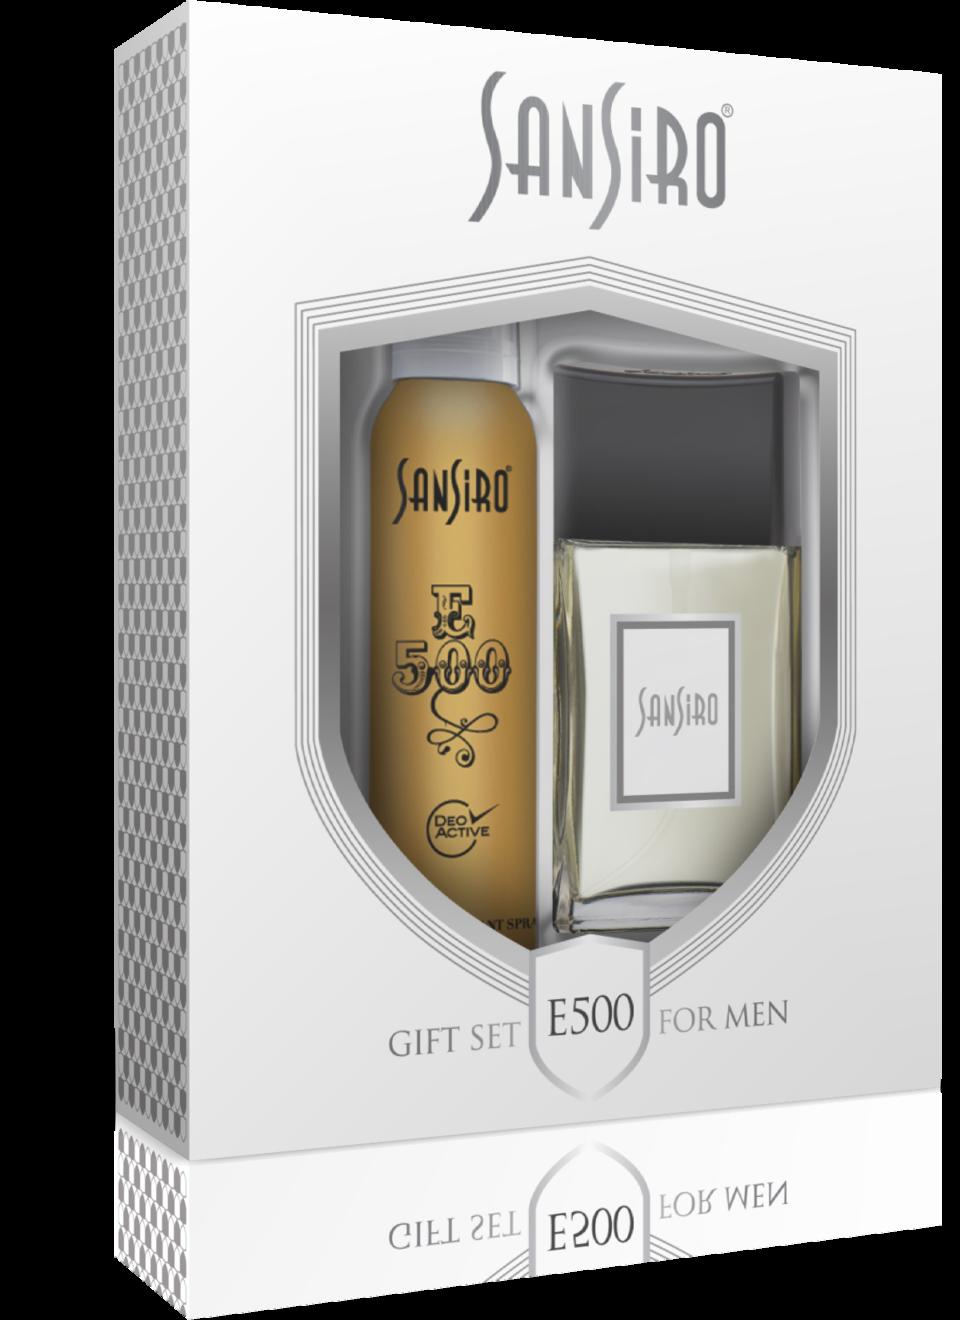 Sansiro Perfume - Gift Sets For Men - Geschenke Set E500